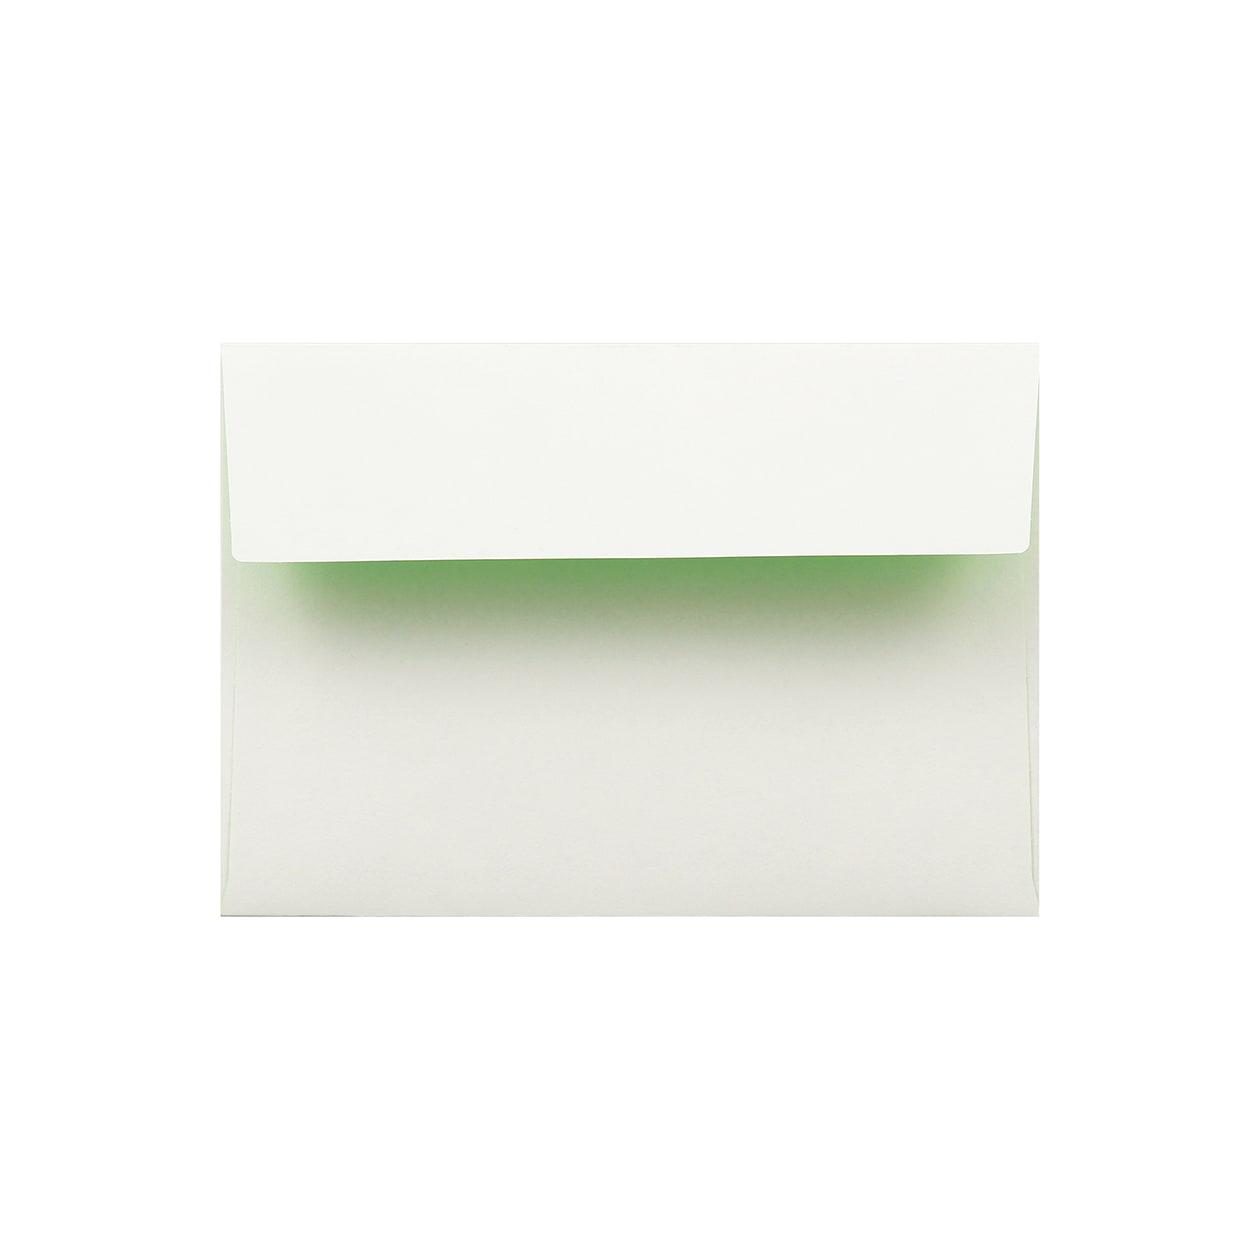 洋2カマス封筒 フラッシュカラー ホワイト×キミドリ 100g